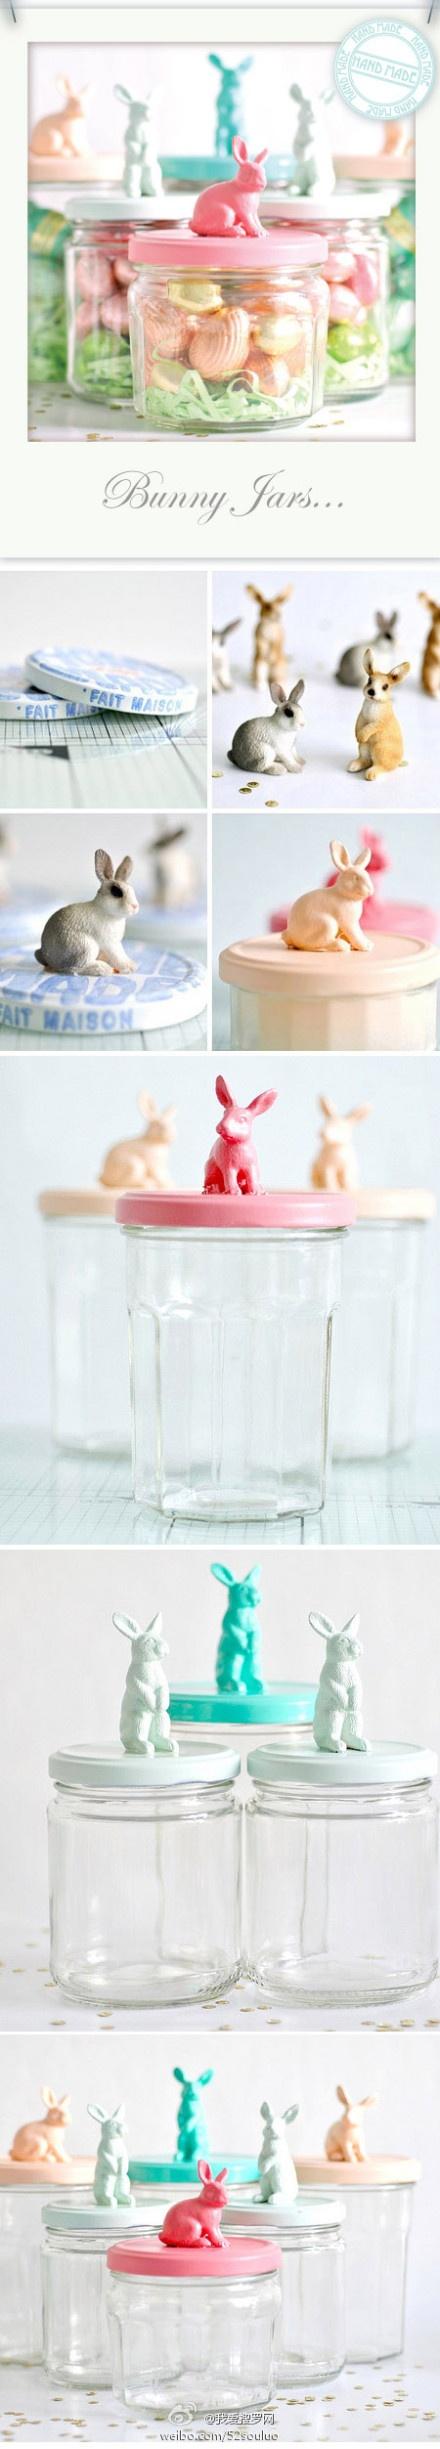 bunny jars 1